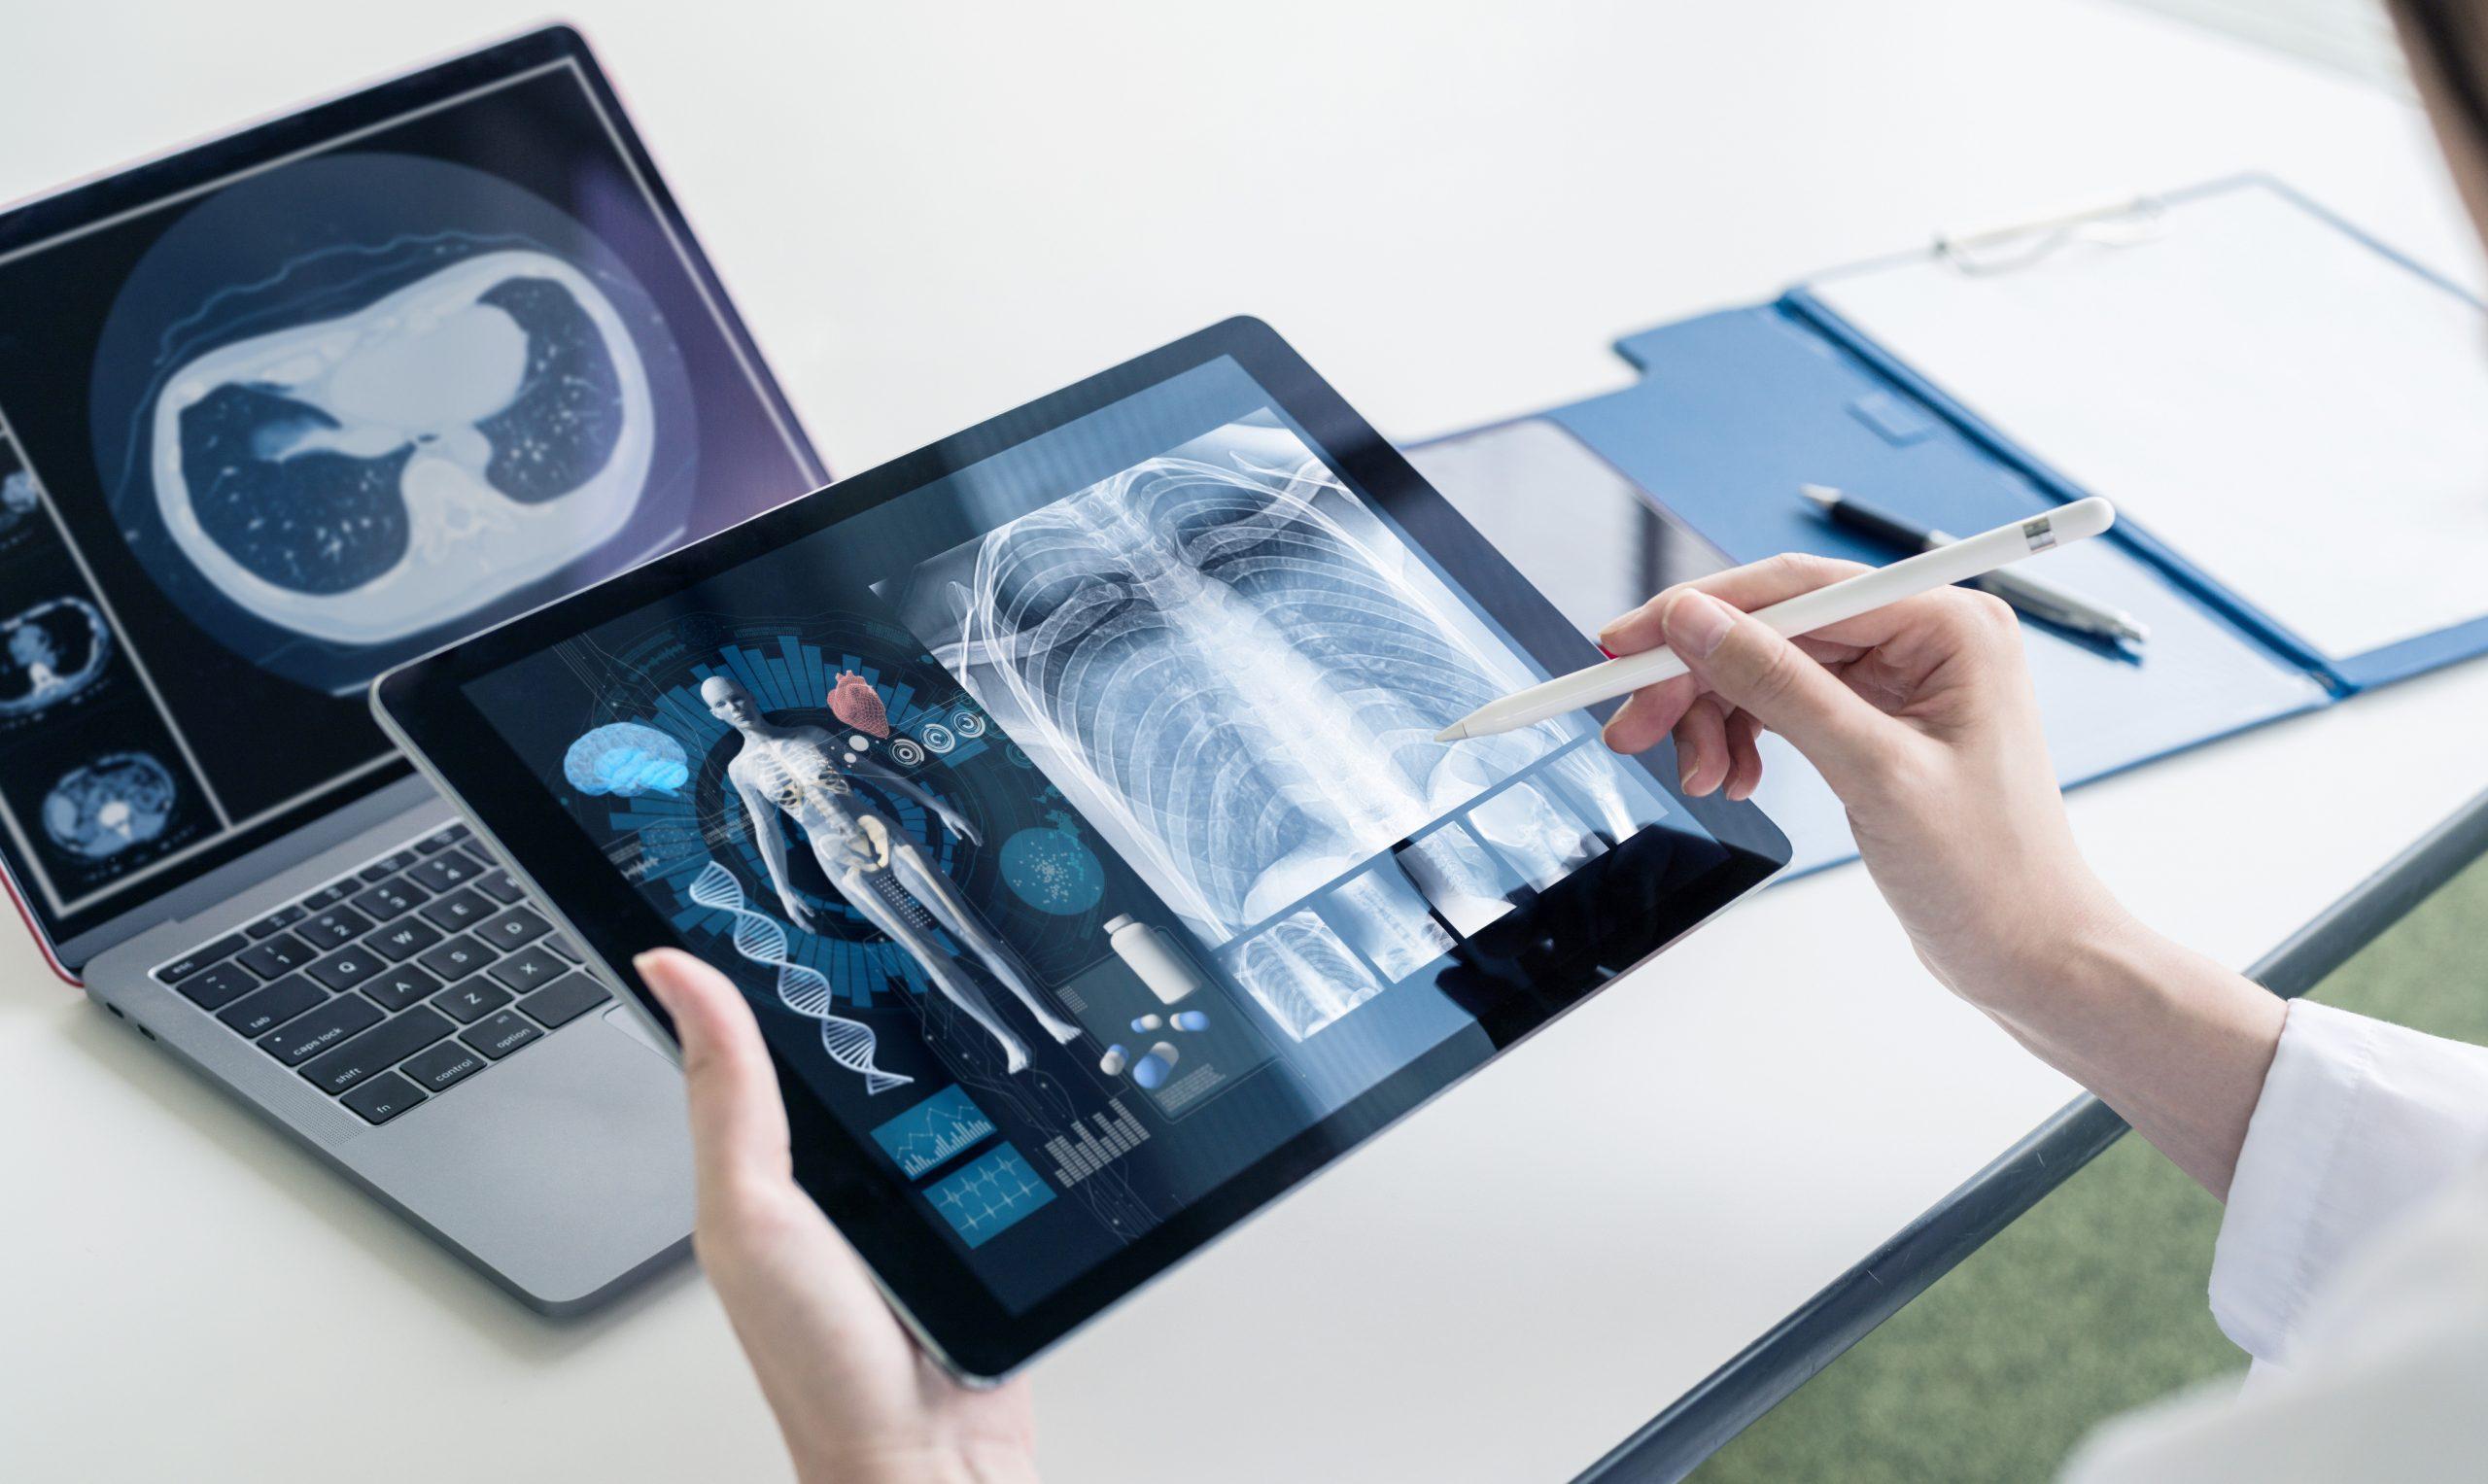 انتقال سریع تصاویر مهم بخش درمانی